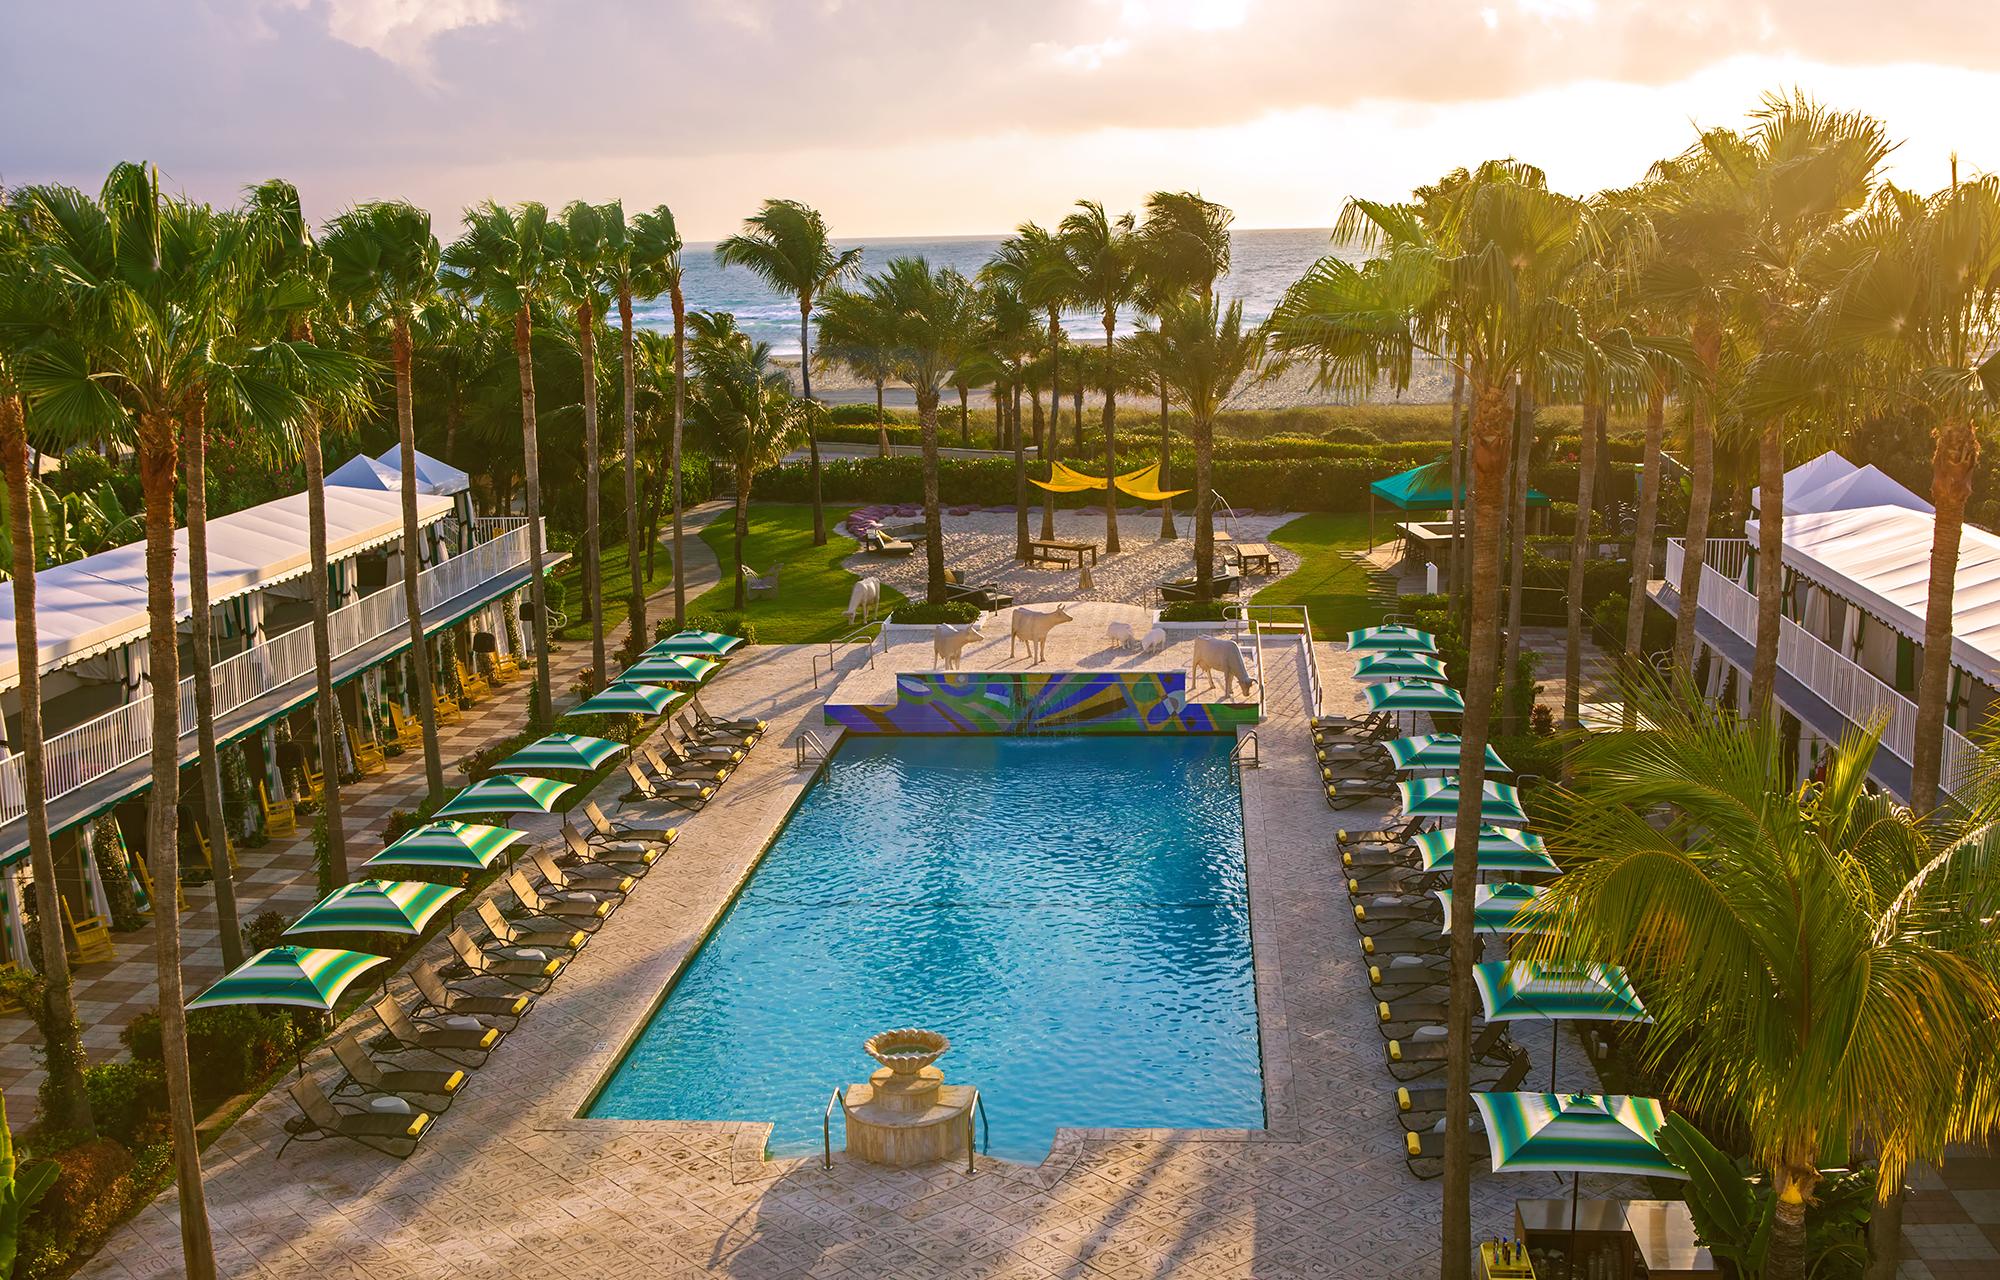 ダブルツリー サーフコンバー ホテル マイアミ サウスビーチ